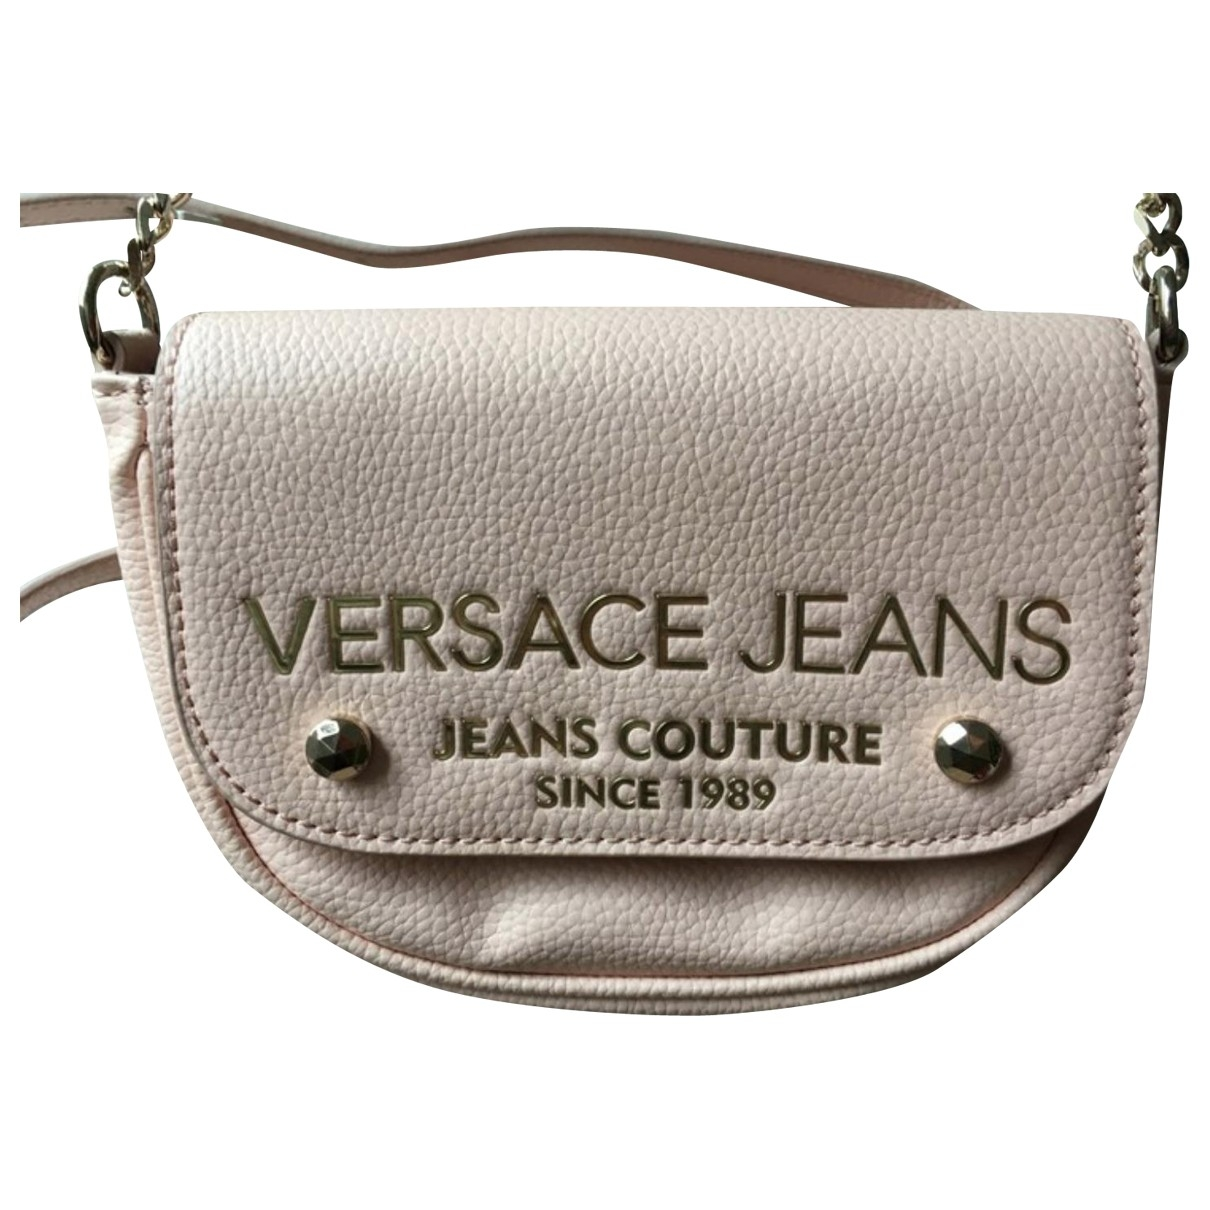 Versace Jean - Sac a main   pour femme en cuir - rose